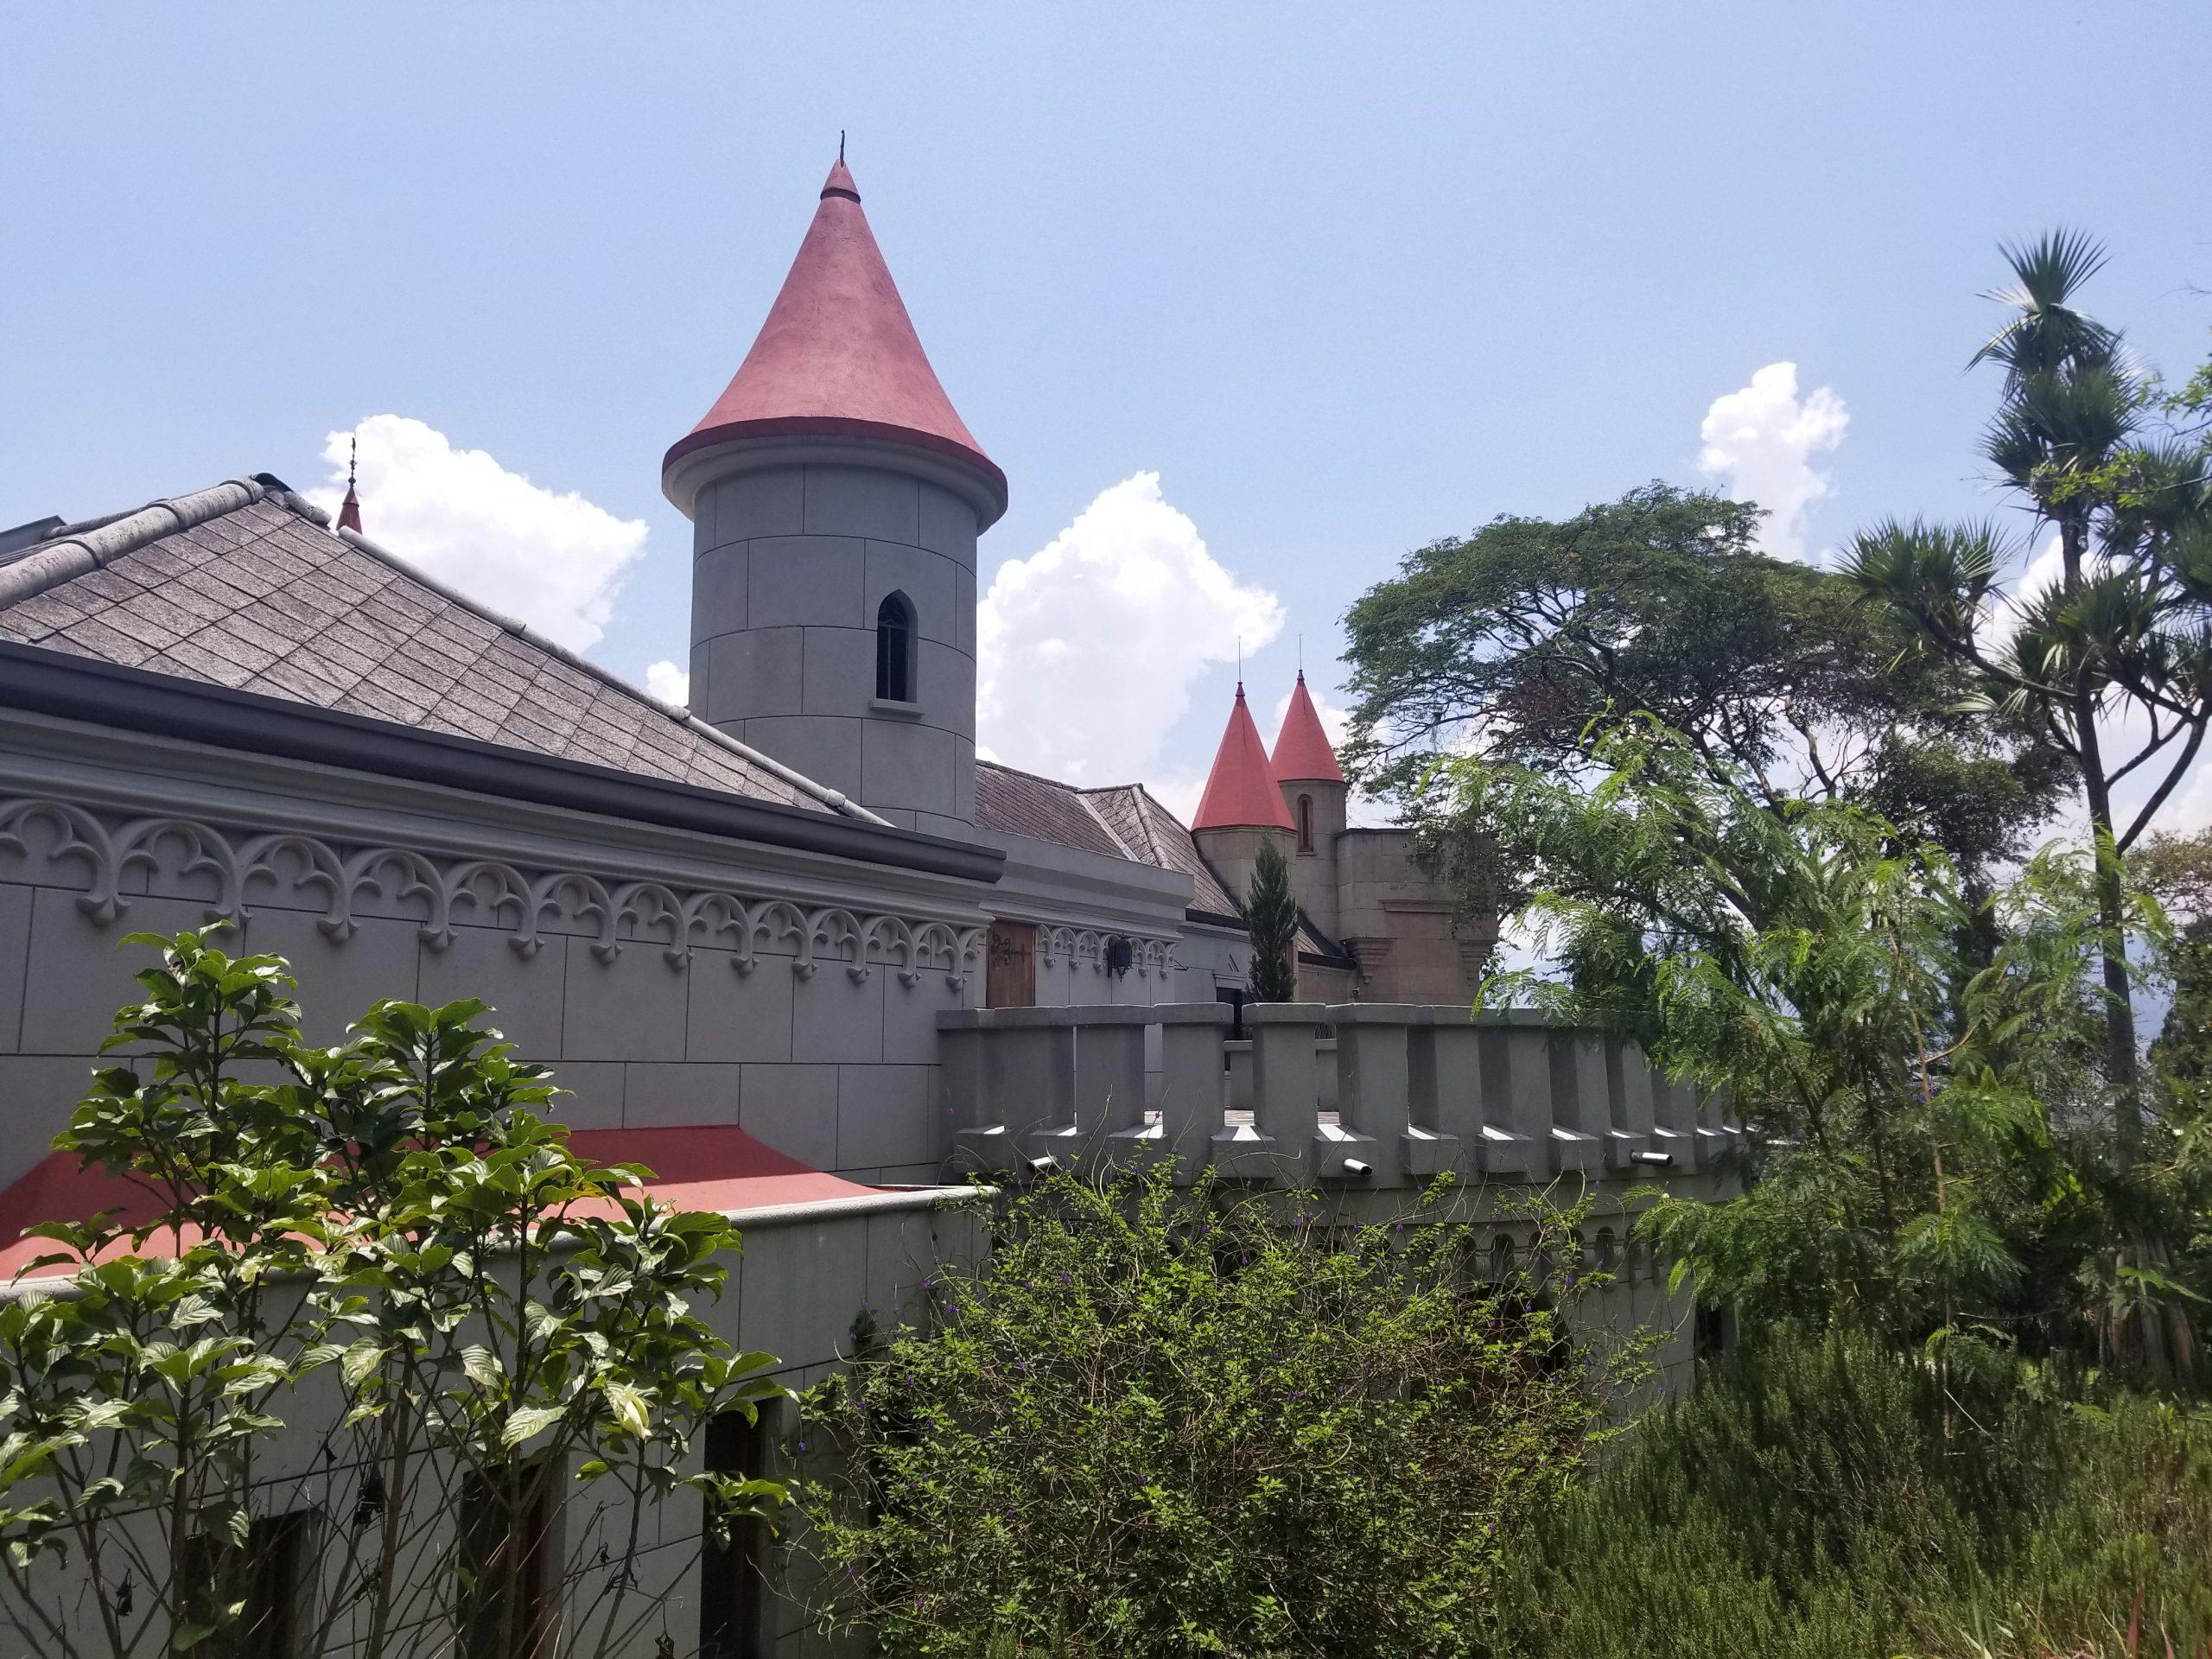 View of Museo el Castillo in Medellin Colombia